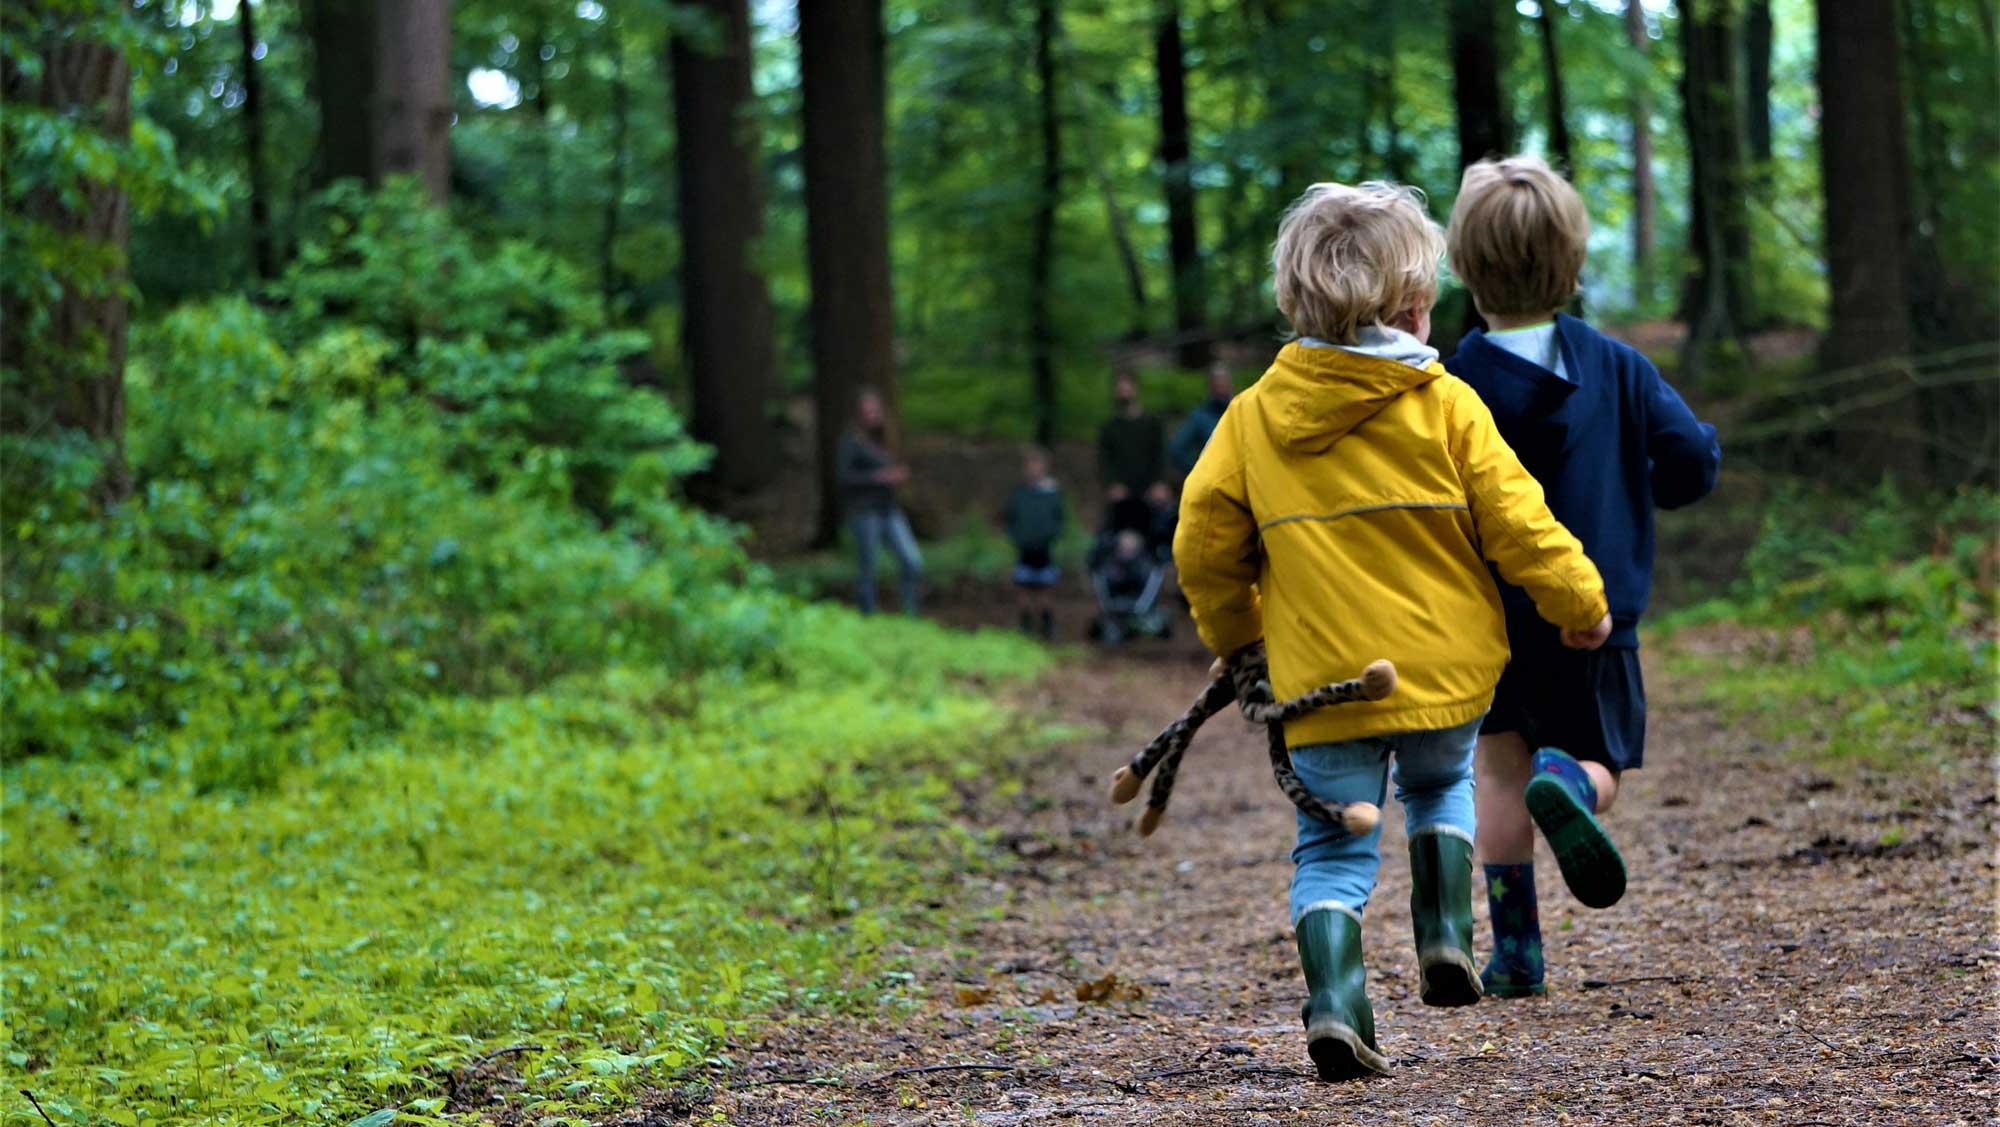 Omgeving Molecaten parken Hattem Heerde 01 wandelen